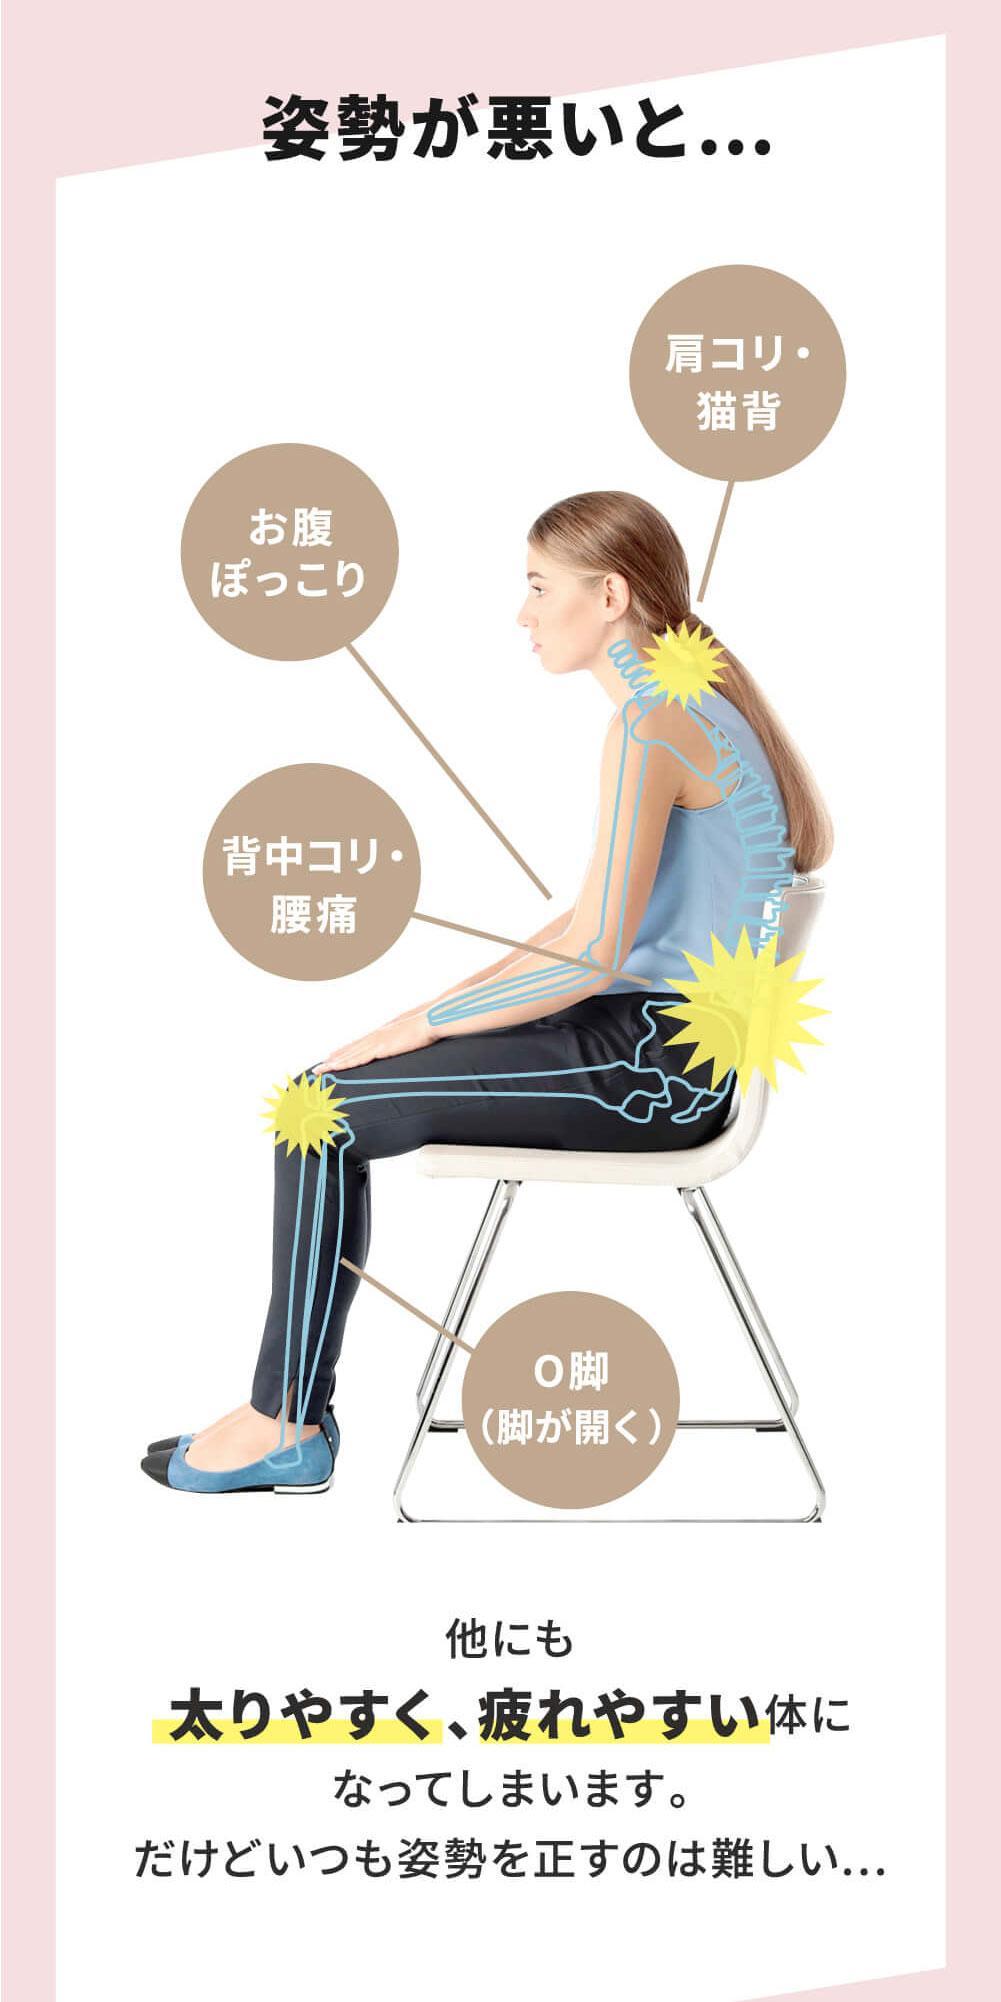 姿勢が悪いと肩こり・腰痛・ぽっこりお腹などに…だけどいつも姿勢を正すのは難しい